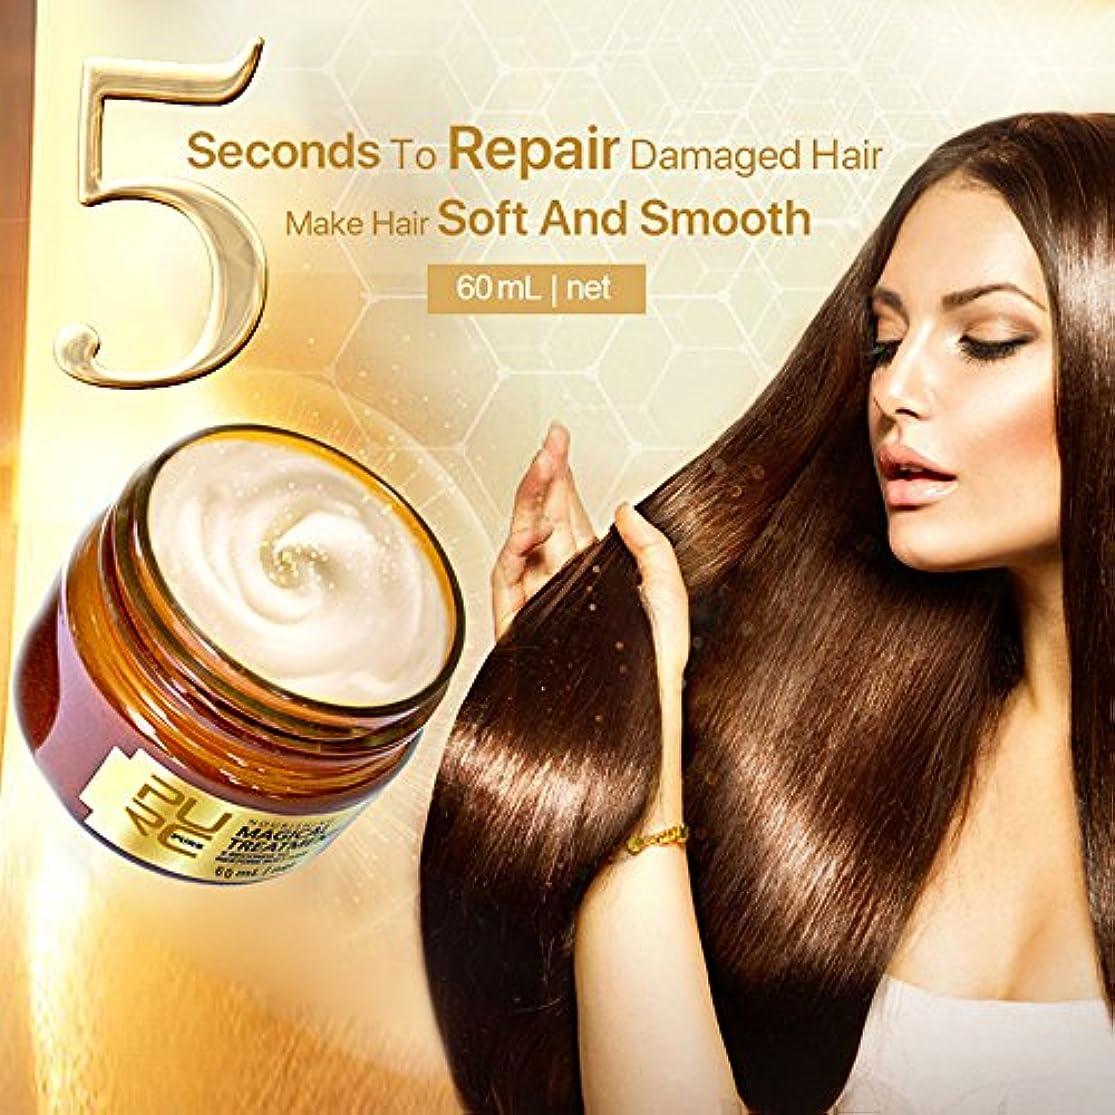 シール逸脱望遠鏡ディープリペア軟膏ヘアマスク 高度な分子 毛根治療の回復 魔法のヘアマスクは コンディショナー ヘアケアコンディショ すべての髪のタイプのケラチンヘアの柔らかい髪を復元します (60ML)